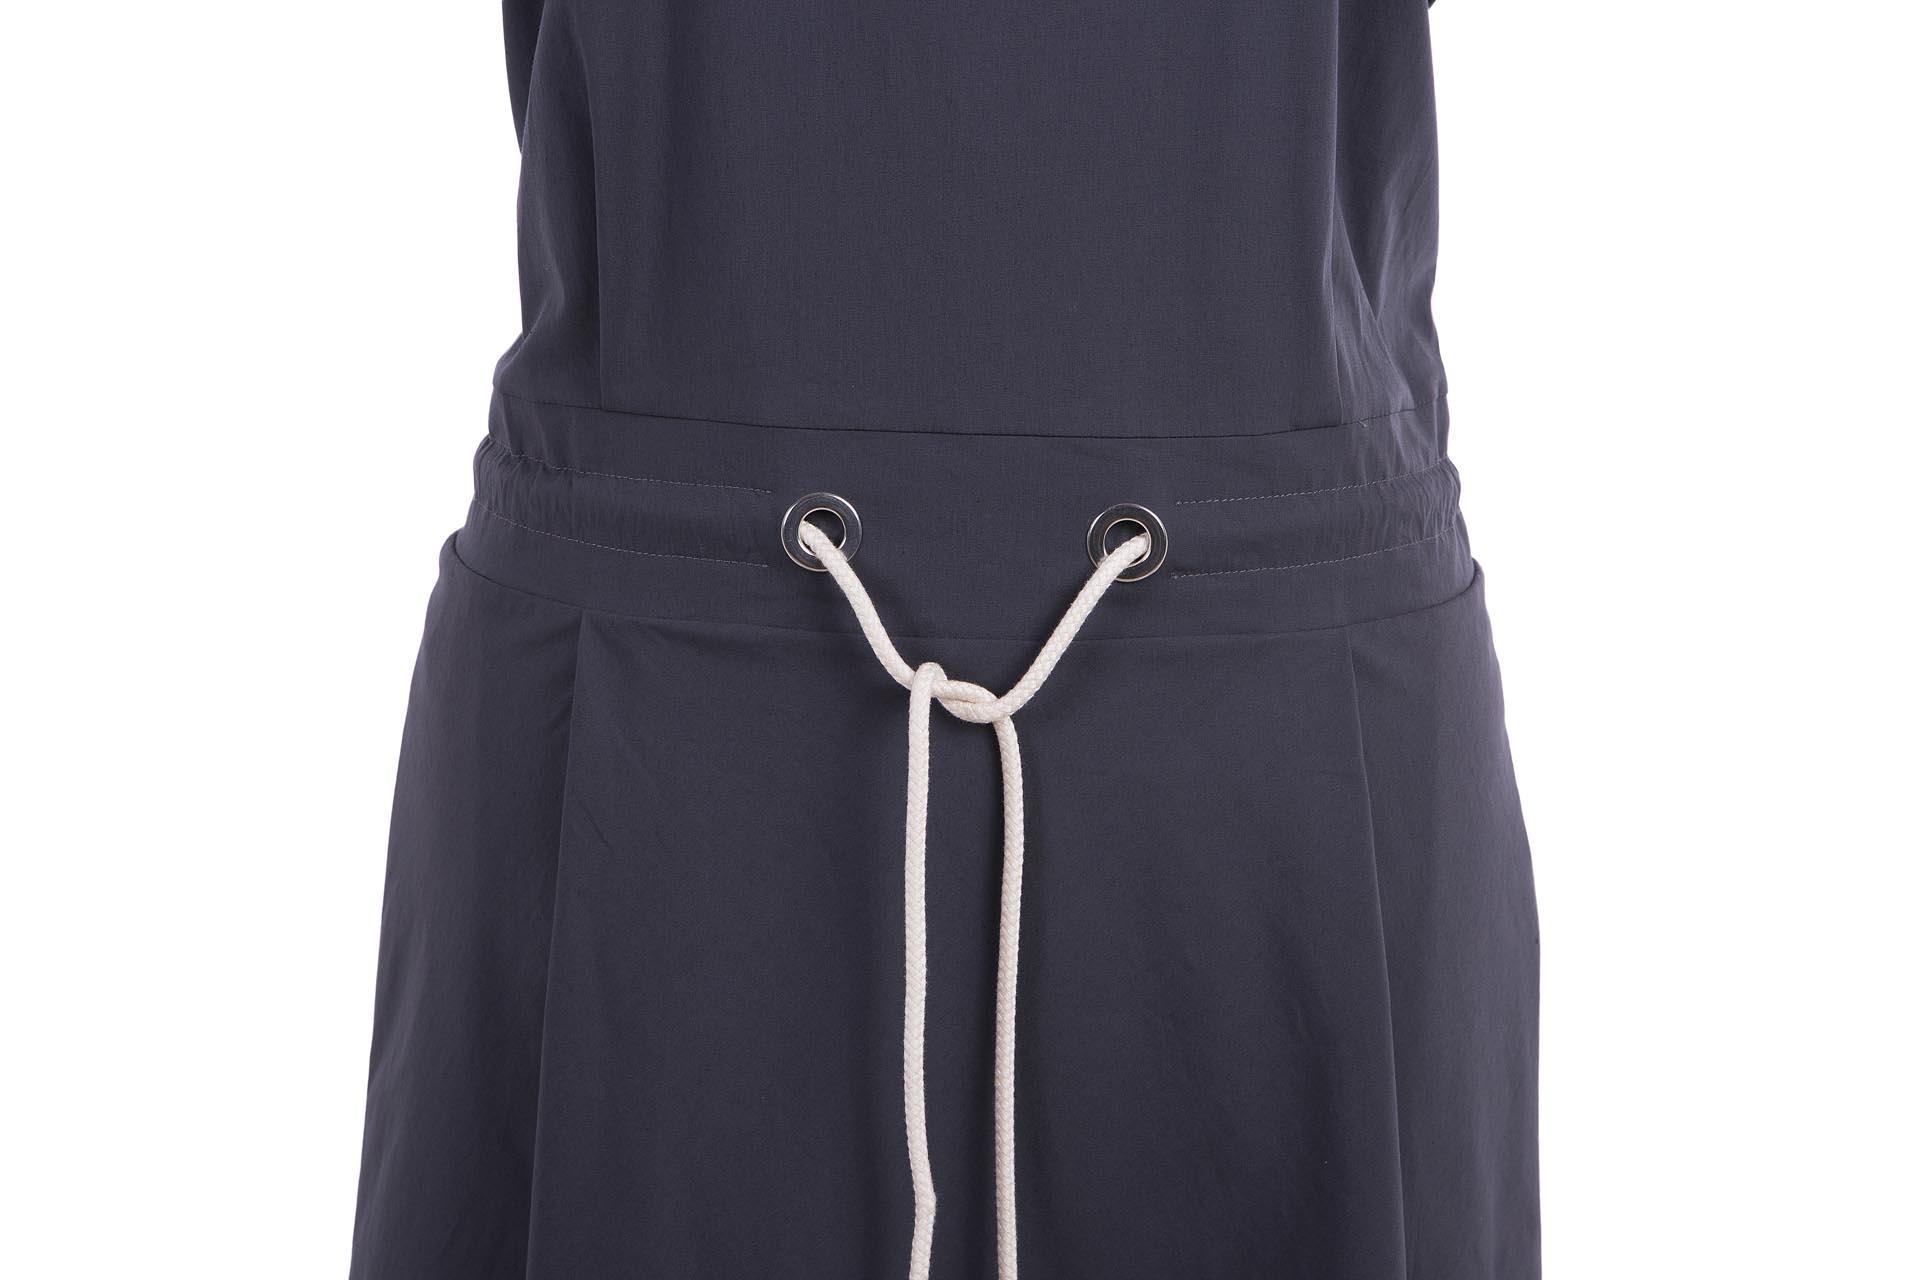 gdl_produzione_abbigliamento_sora_040